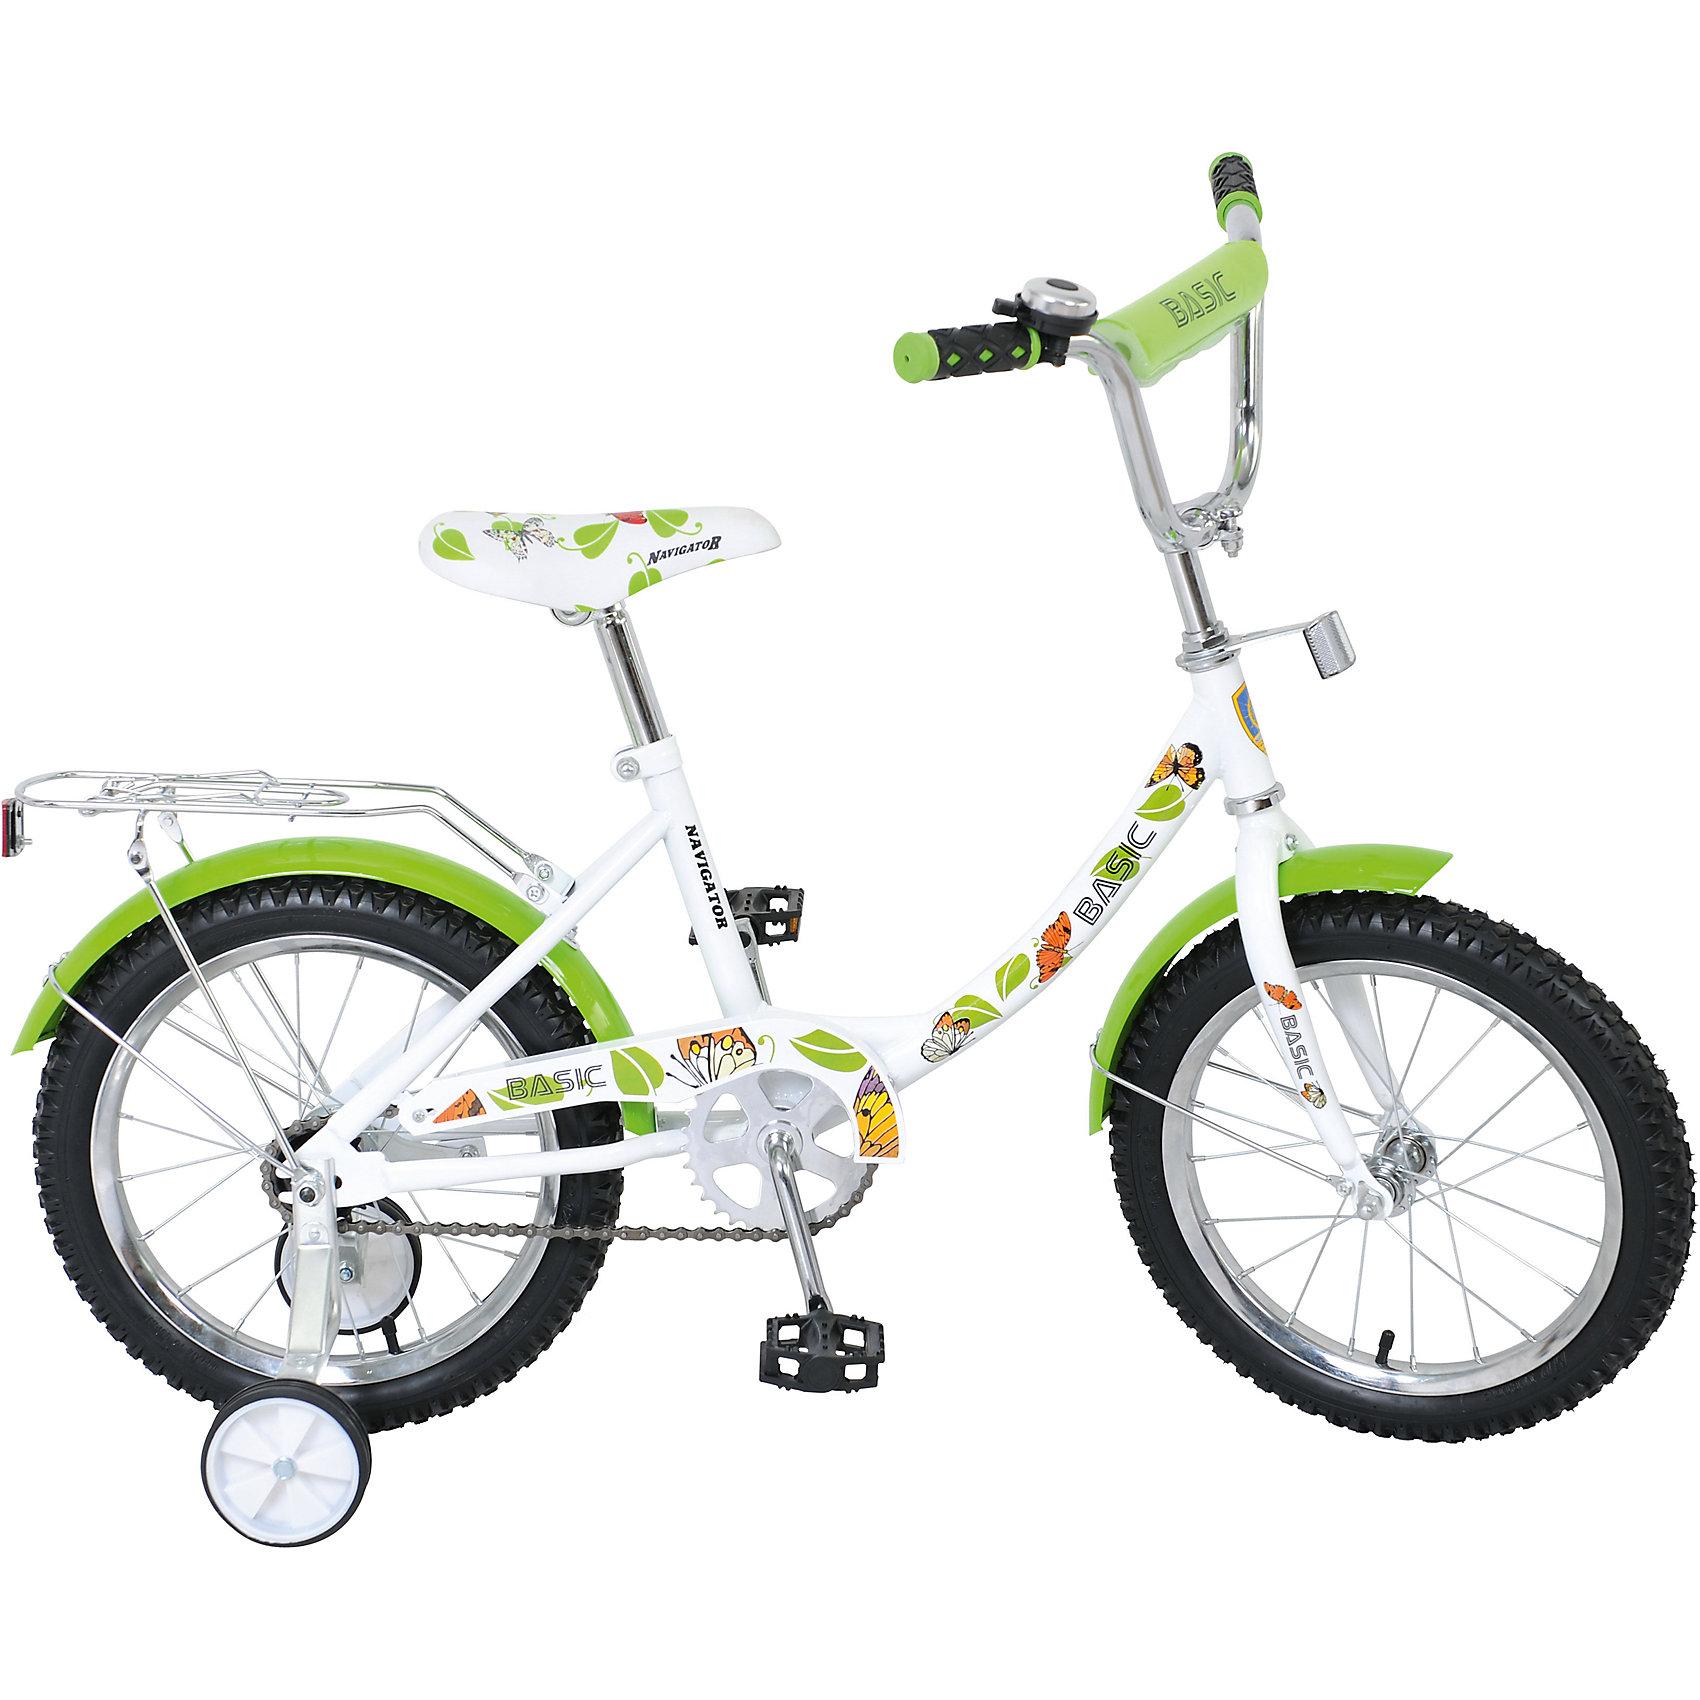 Велосипед Basic, бело-зеленый, NavigatorВелосипеды детские<br>Велосипед Basic, бело-зеленый, Navigator (Навигатор) – это яркий, стильный, надежный велосипед высокого качества.<br>Детский велосипед Basic, обладает яркой расцветкой и стильными формами. продуманная конструкция сводит к минимуму риск получить травму. Рама велосипеда выполнена из высокопрочного металла. Покрытие рамы устойчиво к царапинам. Высота руля и сиденья легко регулируется в соответствии с возрастом и ростом ребенка. Колеса оснащены резиновыми шинами, которые хорошо удерживают воздух. Велосипед имеет дополнительные широкие страховочные колеса, защиту цепи, стальные обода для защиты от брызг, удобное сиденье эргономичной формы, звонок, задний багажник. На ручках руля нескользящие накладки. Катание на велосипеде поможет ребенку укрепить опорно-двигательную и сердечнососудистую системы.<br><br>Дополнительная информация:<br><br>- Возрастная категория: от 5 до 7 лет<br>- Подходит для детей ростом 100 - 125 см.<br>- Диаметр колёс: 16 дюймов<br>- Односоставной шатун<br>- Ножной тормоз<br>- Рама: 12B-тип<br>- Материал рамы: сталь<br>- Цвет: белый, зеленый<br>- Вес в упаковке: 10,8 кг.<br><br>Велосипед Basic, бело-зеленый, Navigator (Навигатор) можно купить в нашем интернет-магазине.<br><br>Ширина мм: 890<br>Глубина мм: 170<br>Высота мм: 420<br>Вес г: 10800<br>Возраст от месяцев: 60<br>Возраст до месяцев: 120<br>Пол: Унисекс<br>Возраст: Детский<br>SKU: 4655146